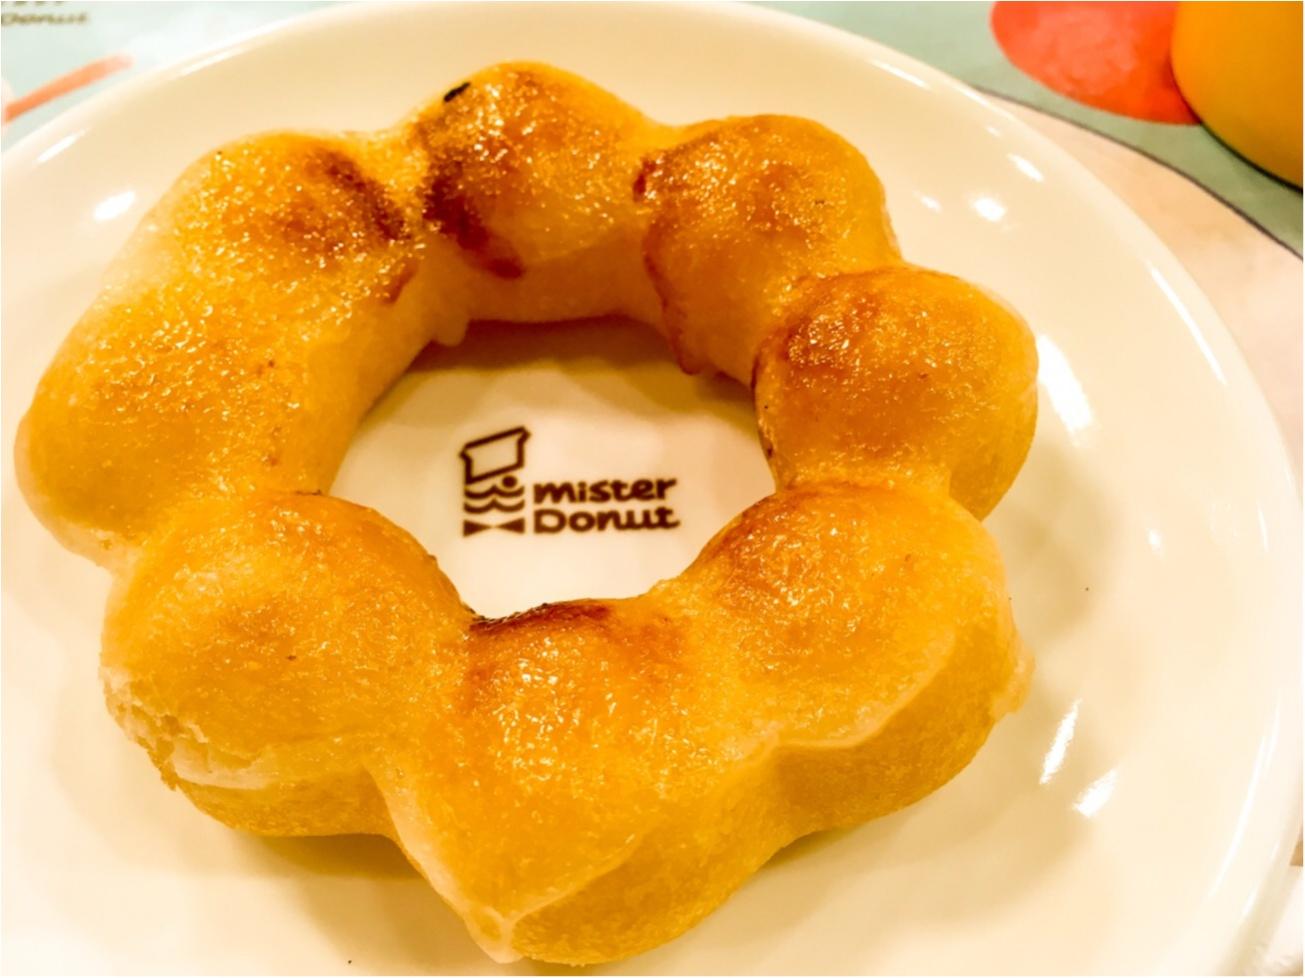 【Let's vote/ミスド速報】ご当地ミスドを食べて投票しよう♡ 関東エリアは?! 気になる話題のドーナツを食べてみました♡_1